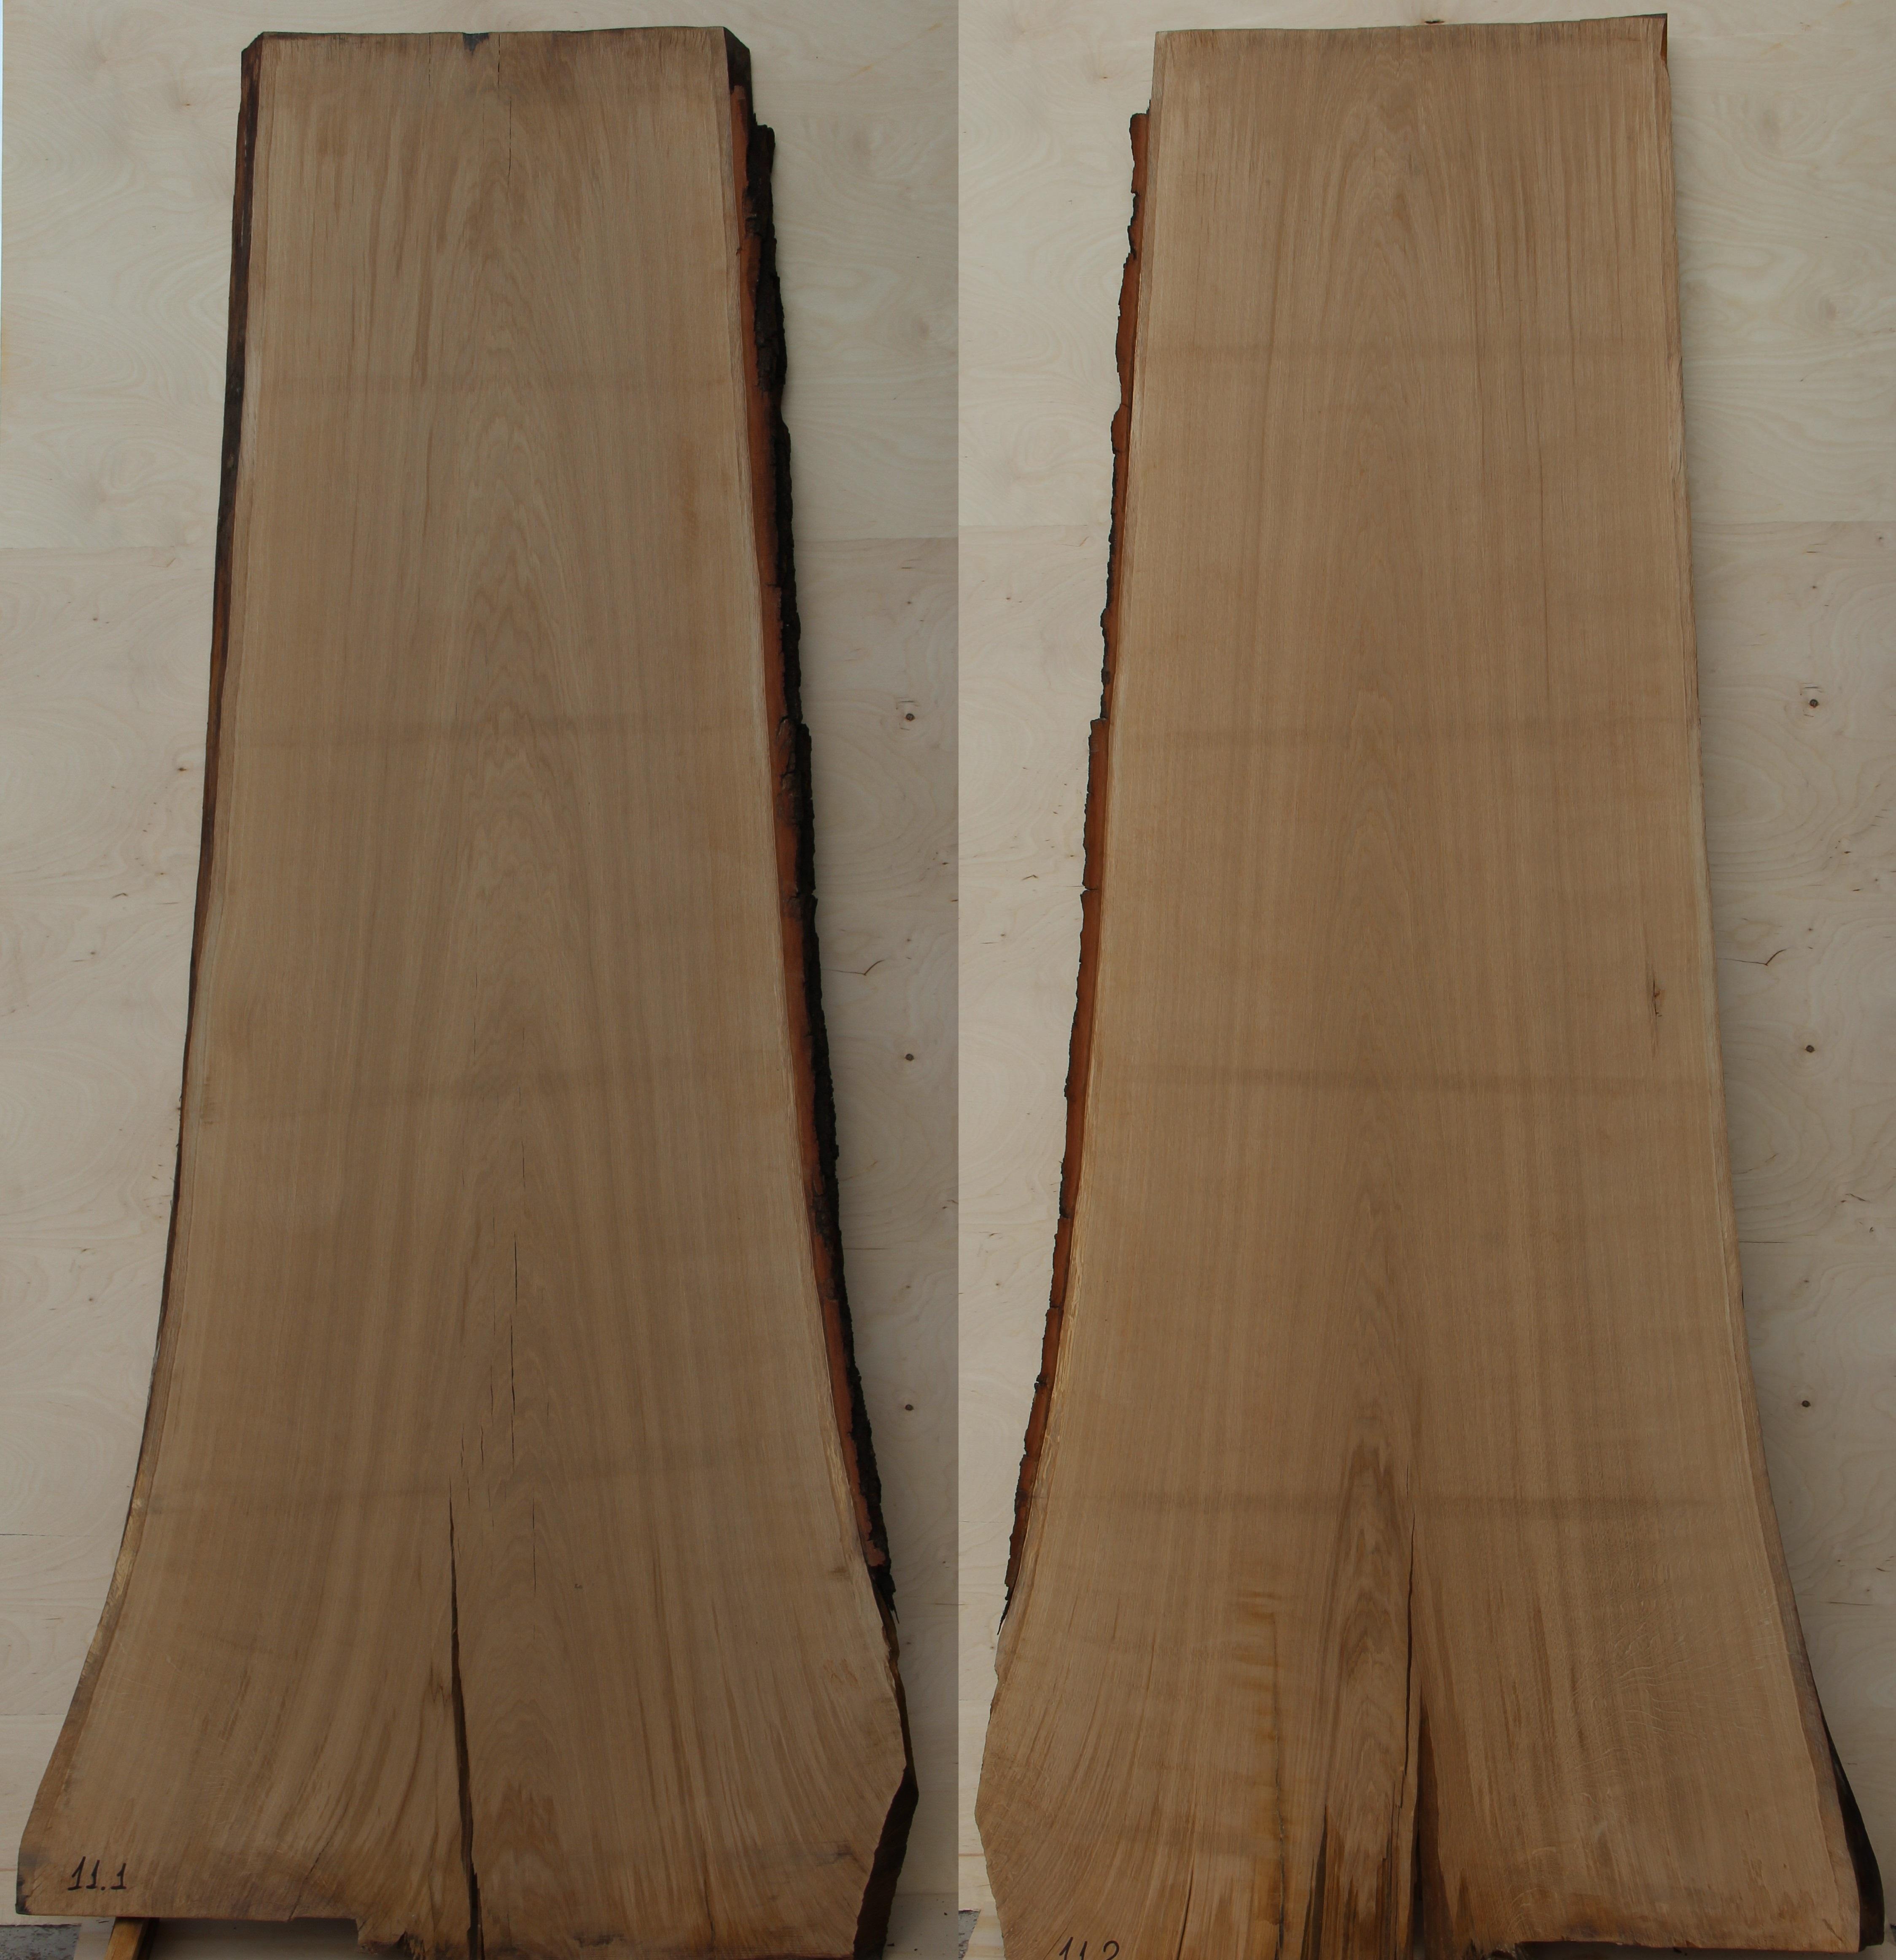 Слэбы (спилы) из Кавказского дуба под заказ 11